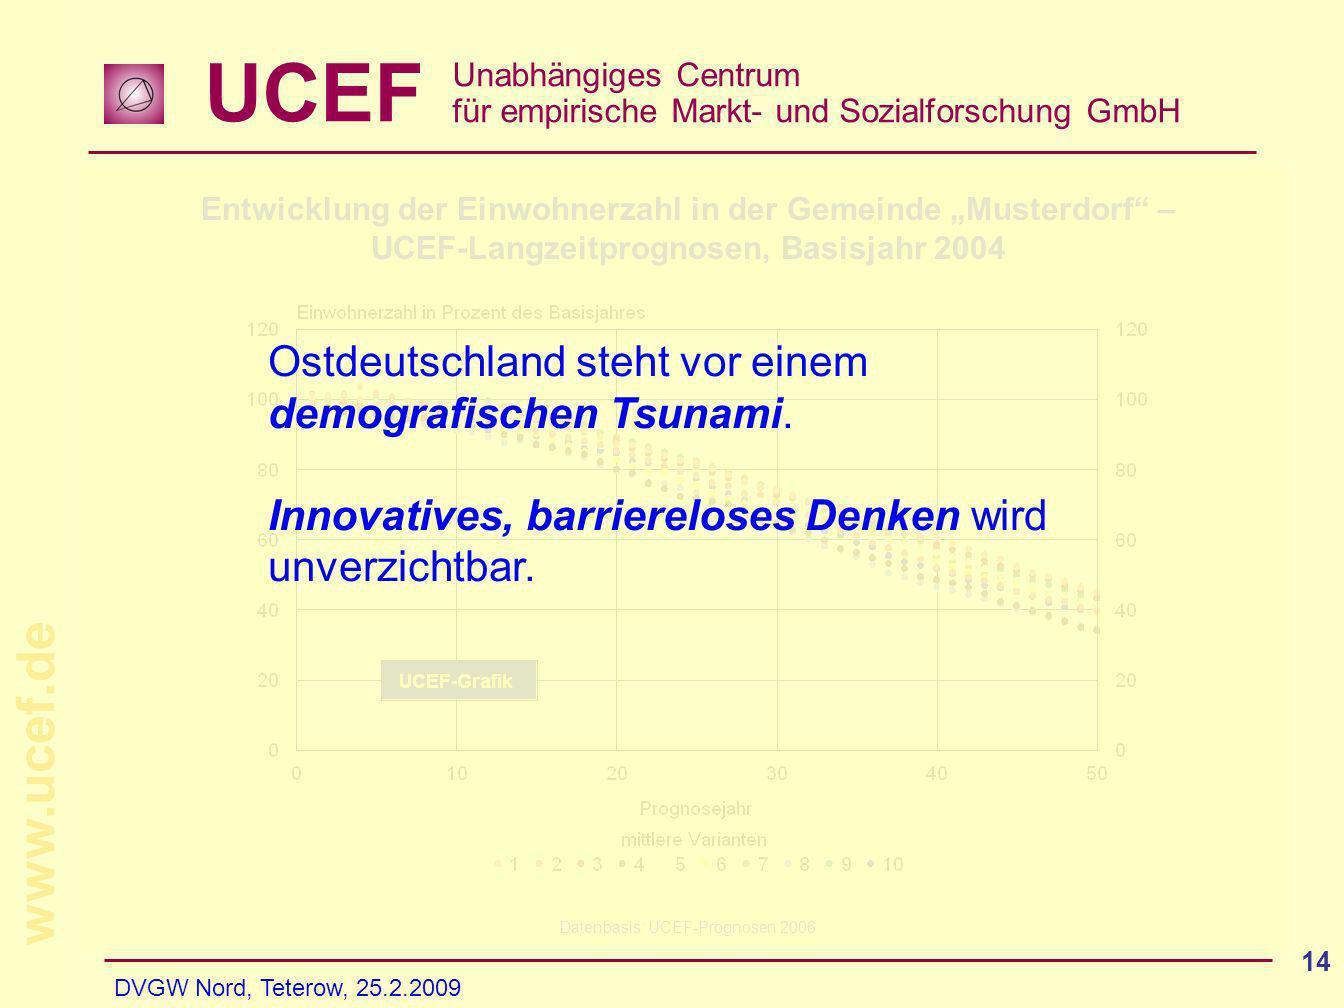 UCEF Unabhängiges Centrum für empirische Markt- und Sozialforschung GmbH www.ucef.de DVGW Nord, Teterow, 25.2.2009 14 Entwicklung der Einwohnerzahl in